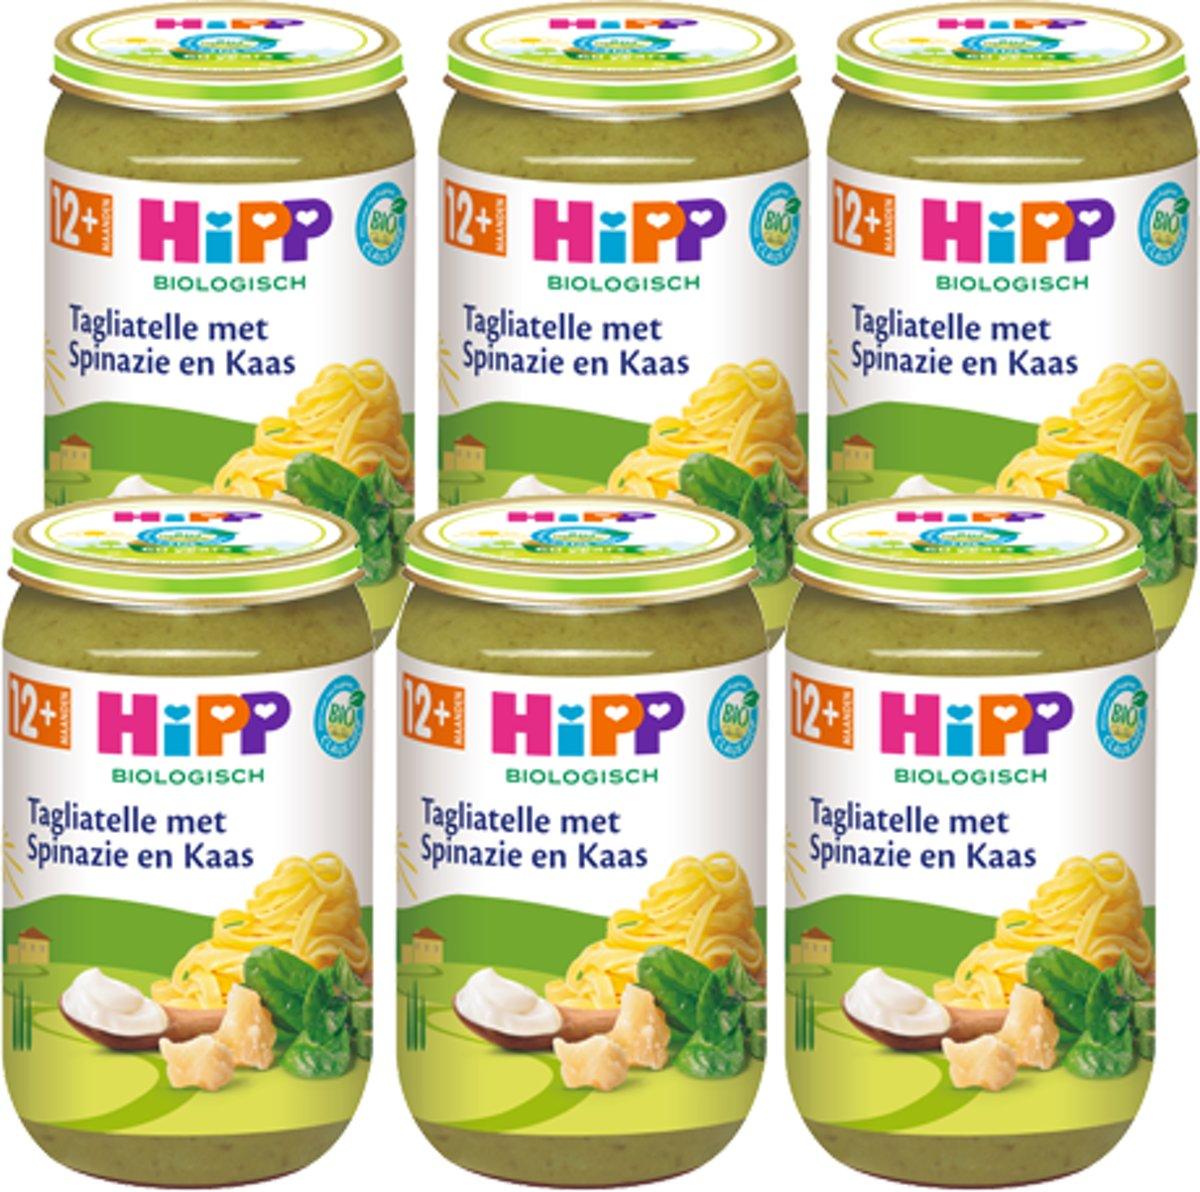 HiPP Bio mlt. 12 - (Vegetarisch) Tagliatelle met Spinazie en Kaas - 6 stuks 250gr kopen